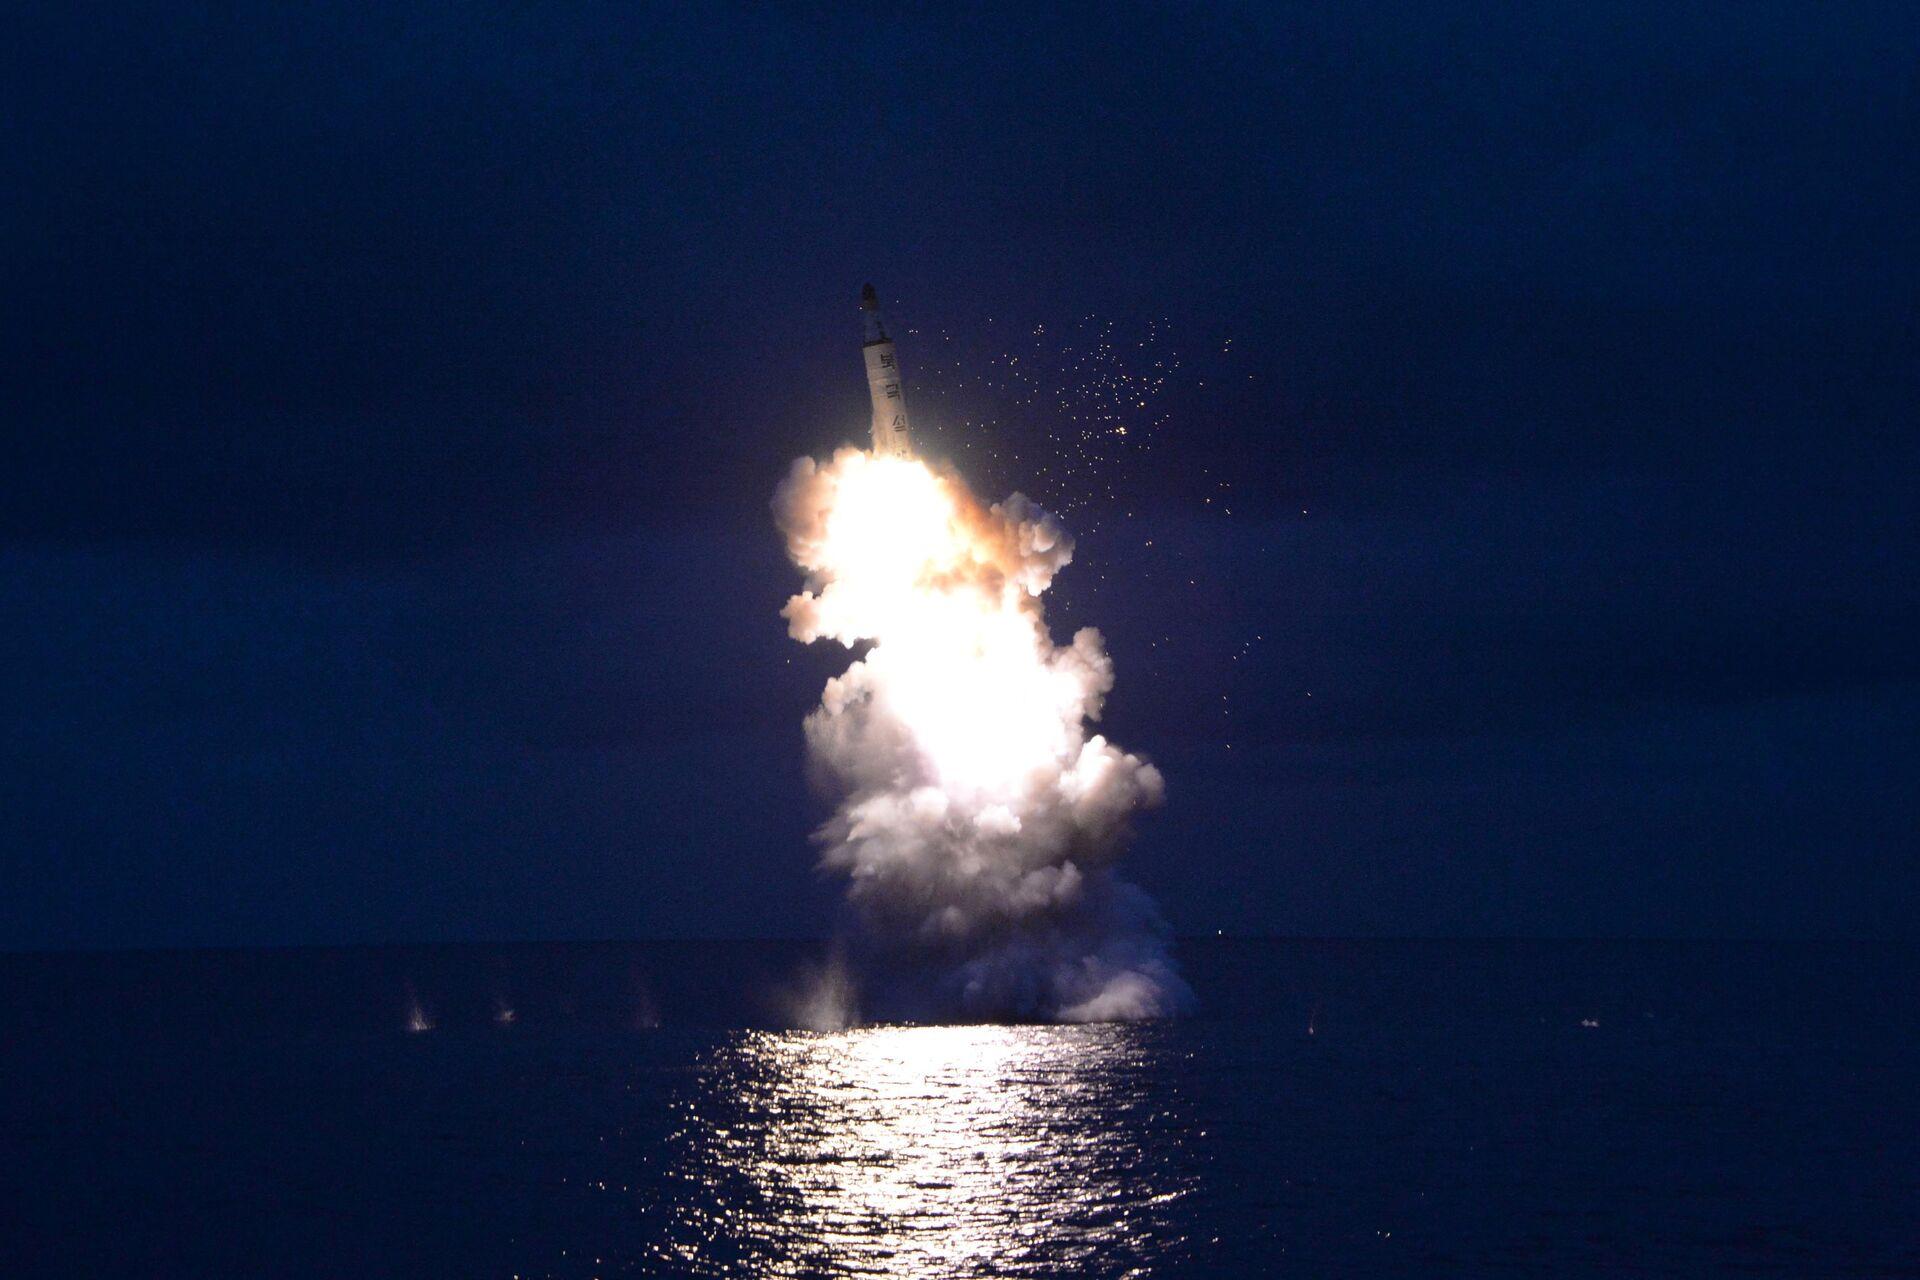 El lanzamiento de un misil balístico por Corea del Norte - Sputnik Mundo, 1920, 14.09.2021